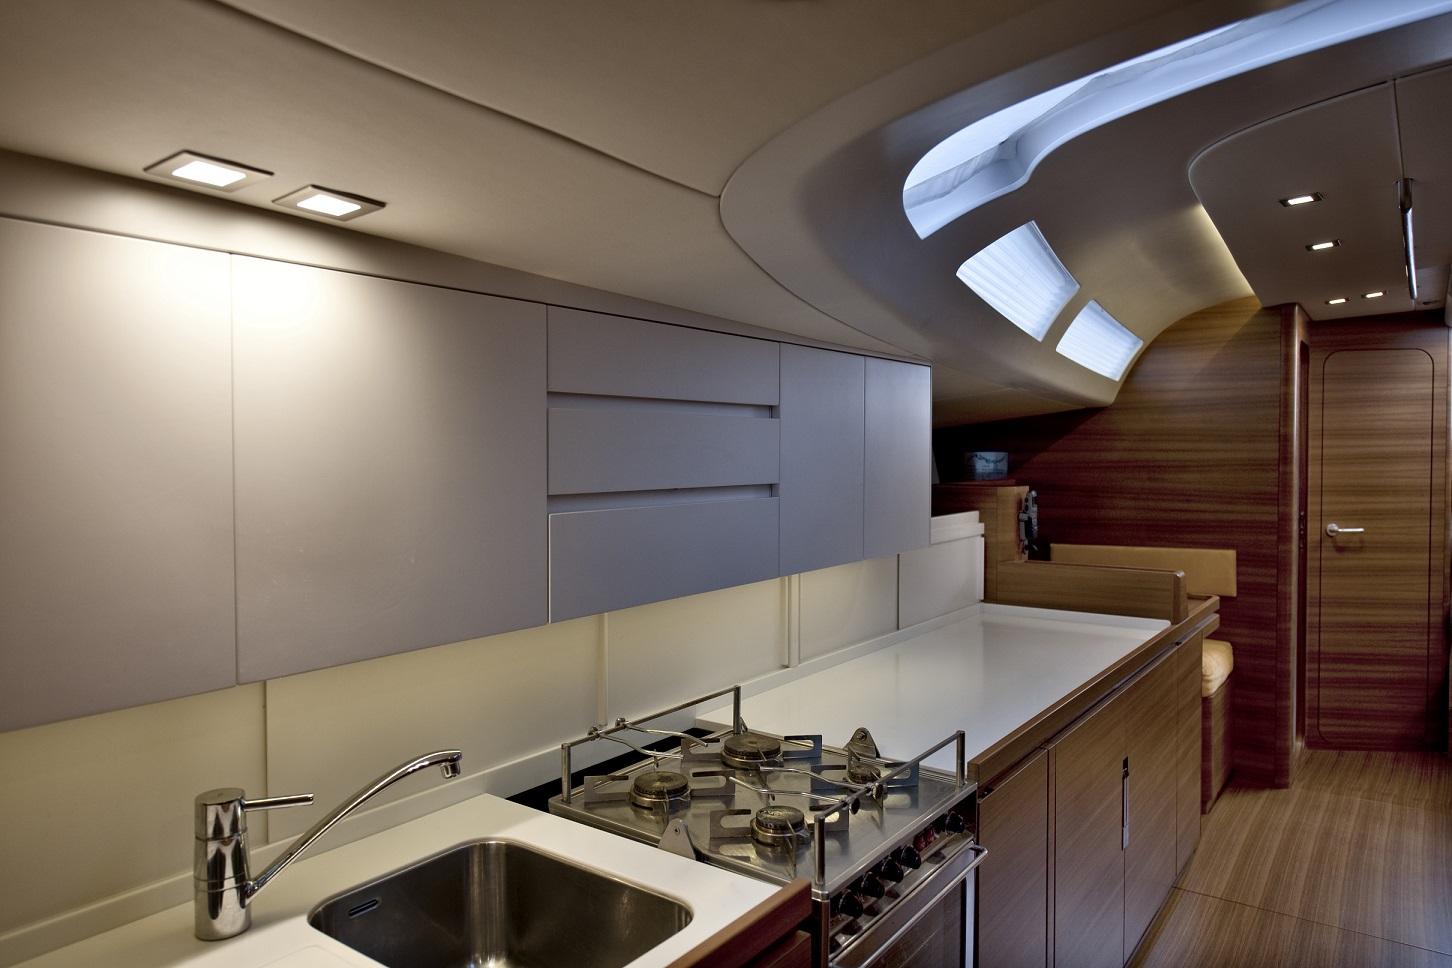 Almabrada cn yacht 2000 galley